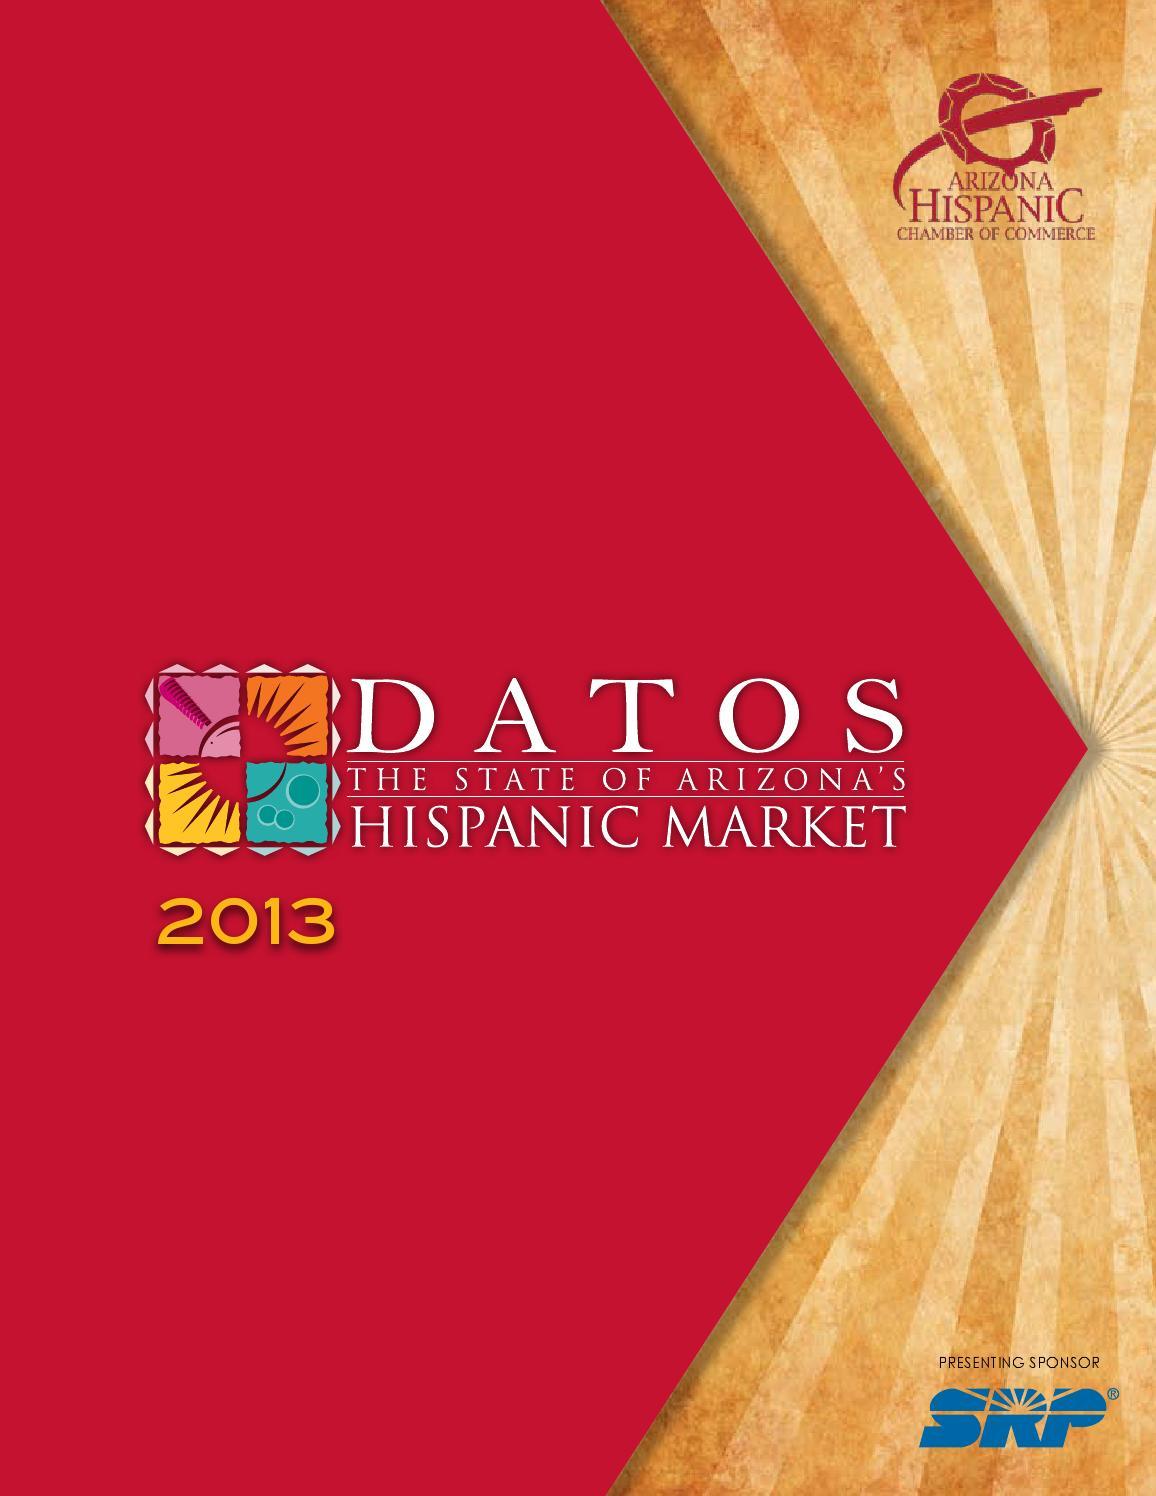 d677bda5ab0 Datos Book 2013 by ARIZONA HISPANIC CHAMBER OF COMMERCE - issuu